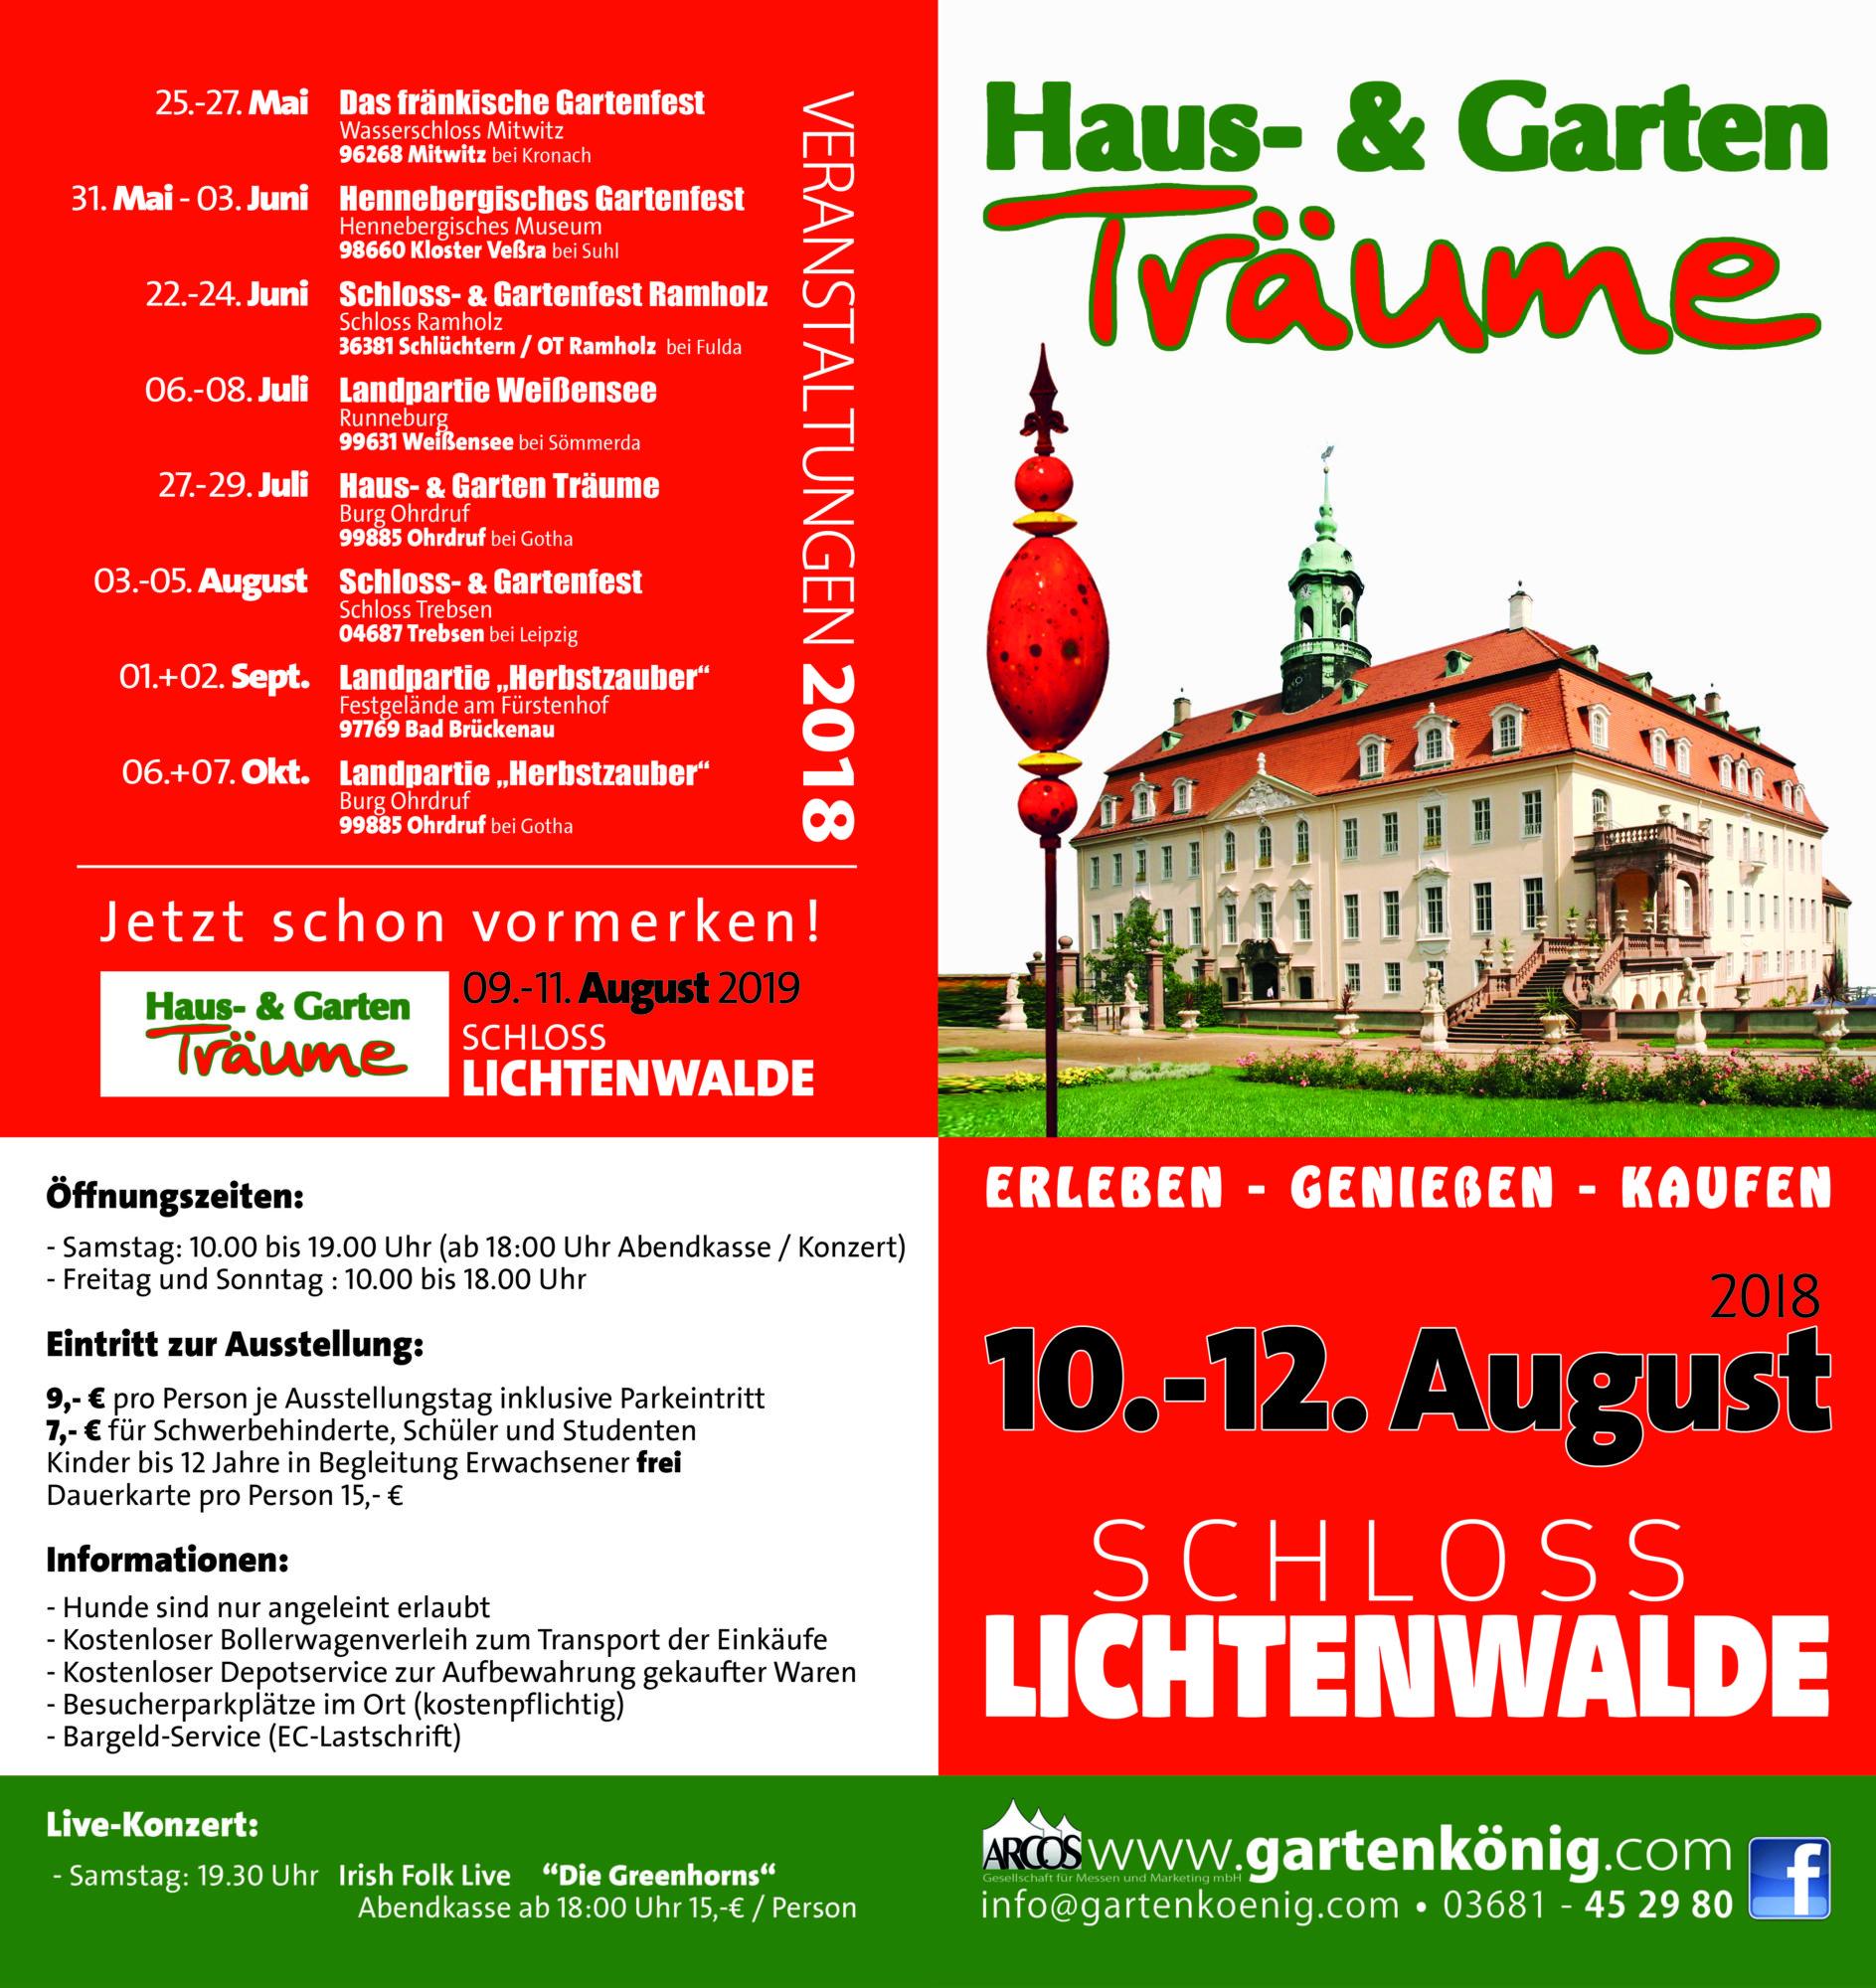 Haus- & Garten Träume Schloss Lichtenwalde – gartenkoenig.com